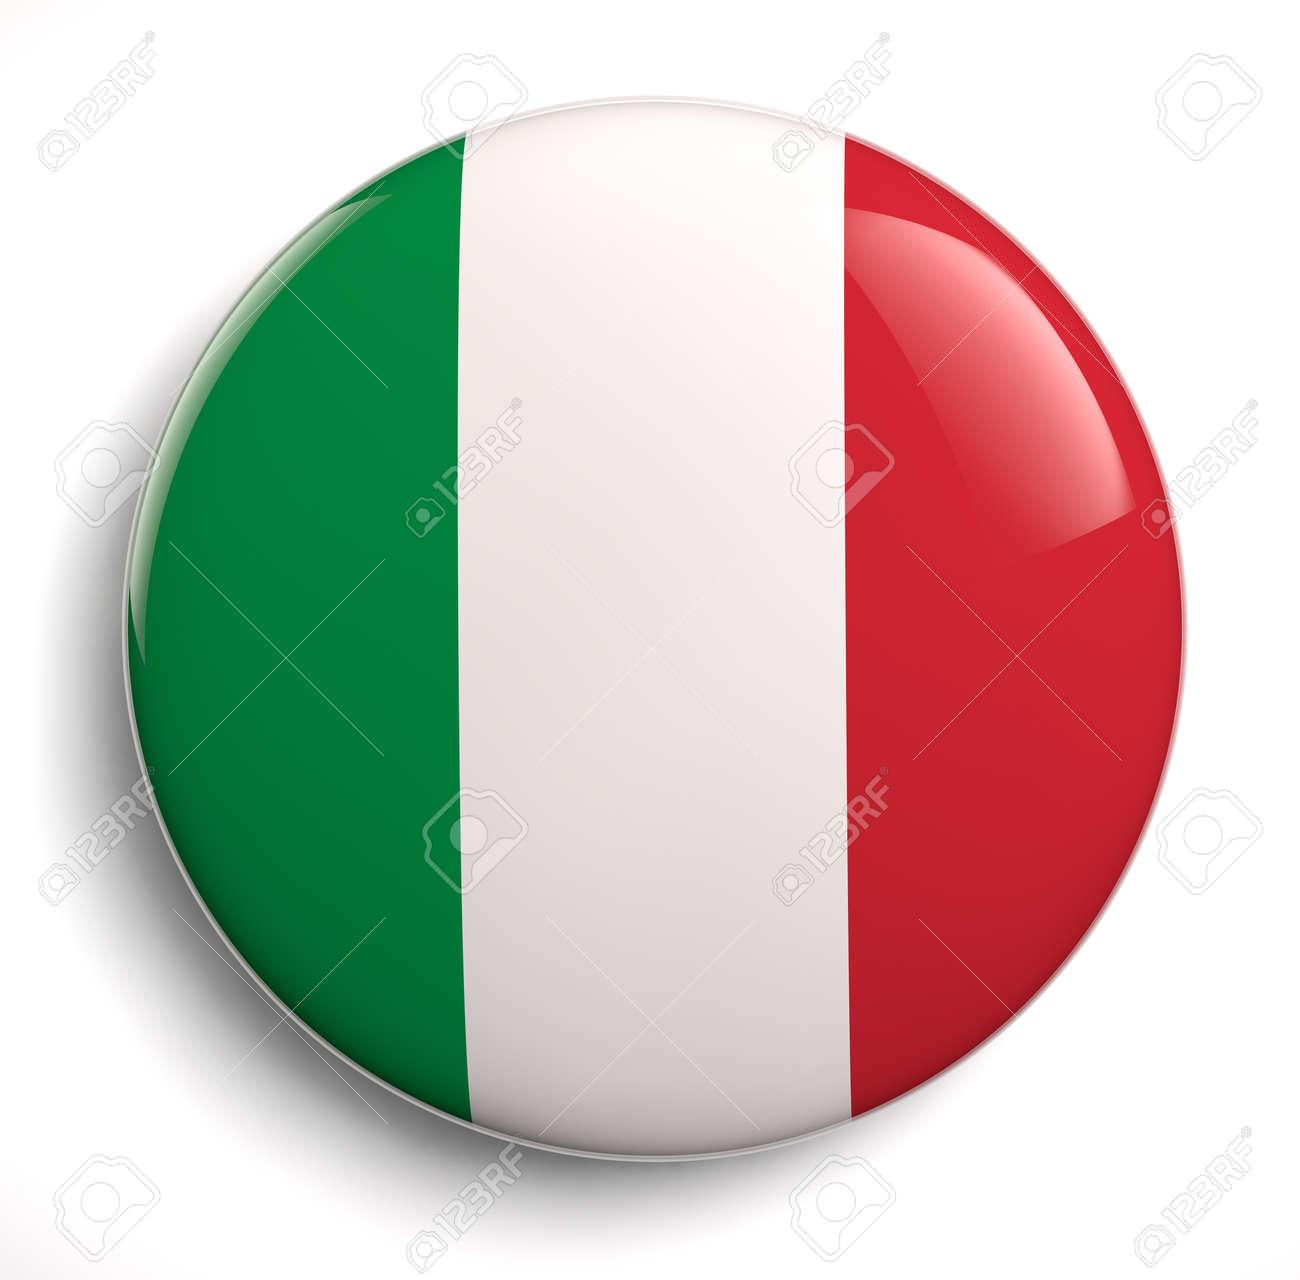 Italian flag design icon. - 25914873